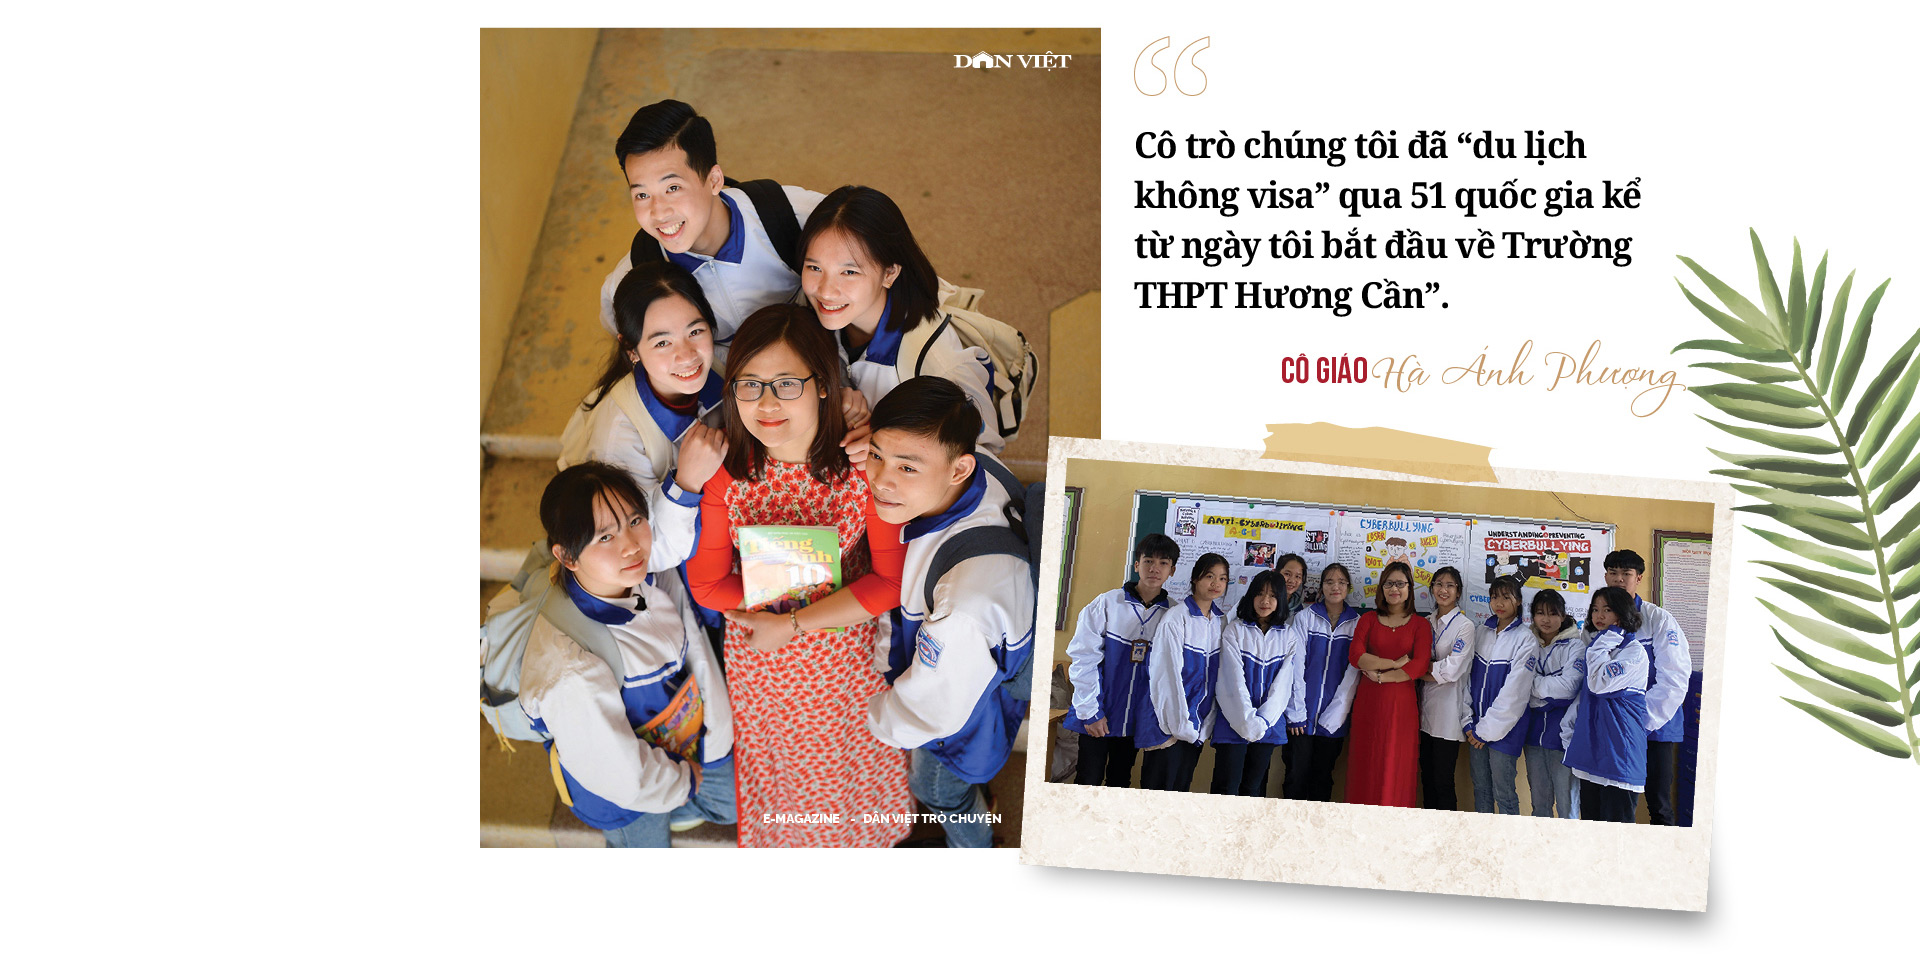 Cô giáo toàn cầu Hà Ánh Phượng: Tôi đang đi đúng đường và thật sự không cô đơn… - Ảnh 18.